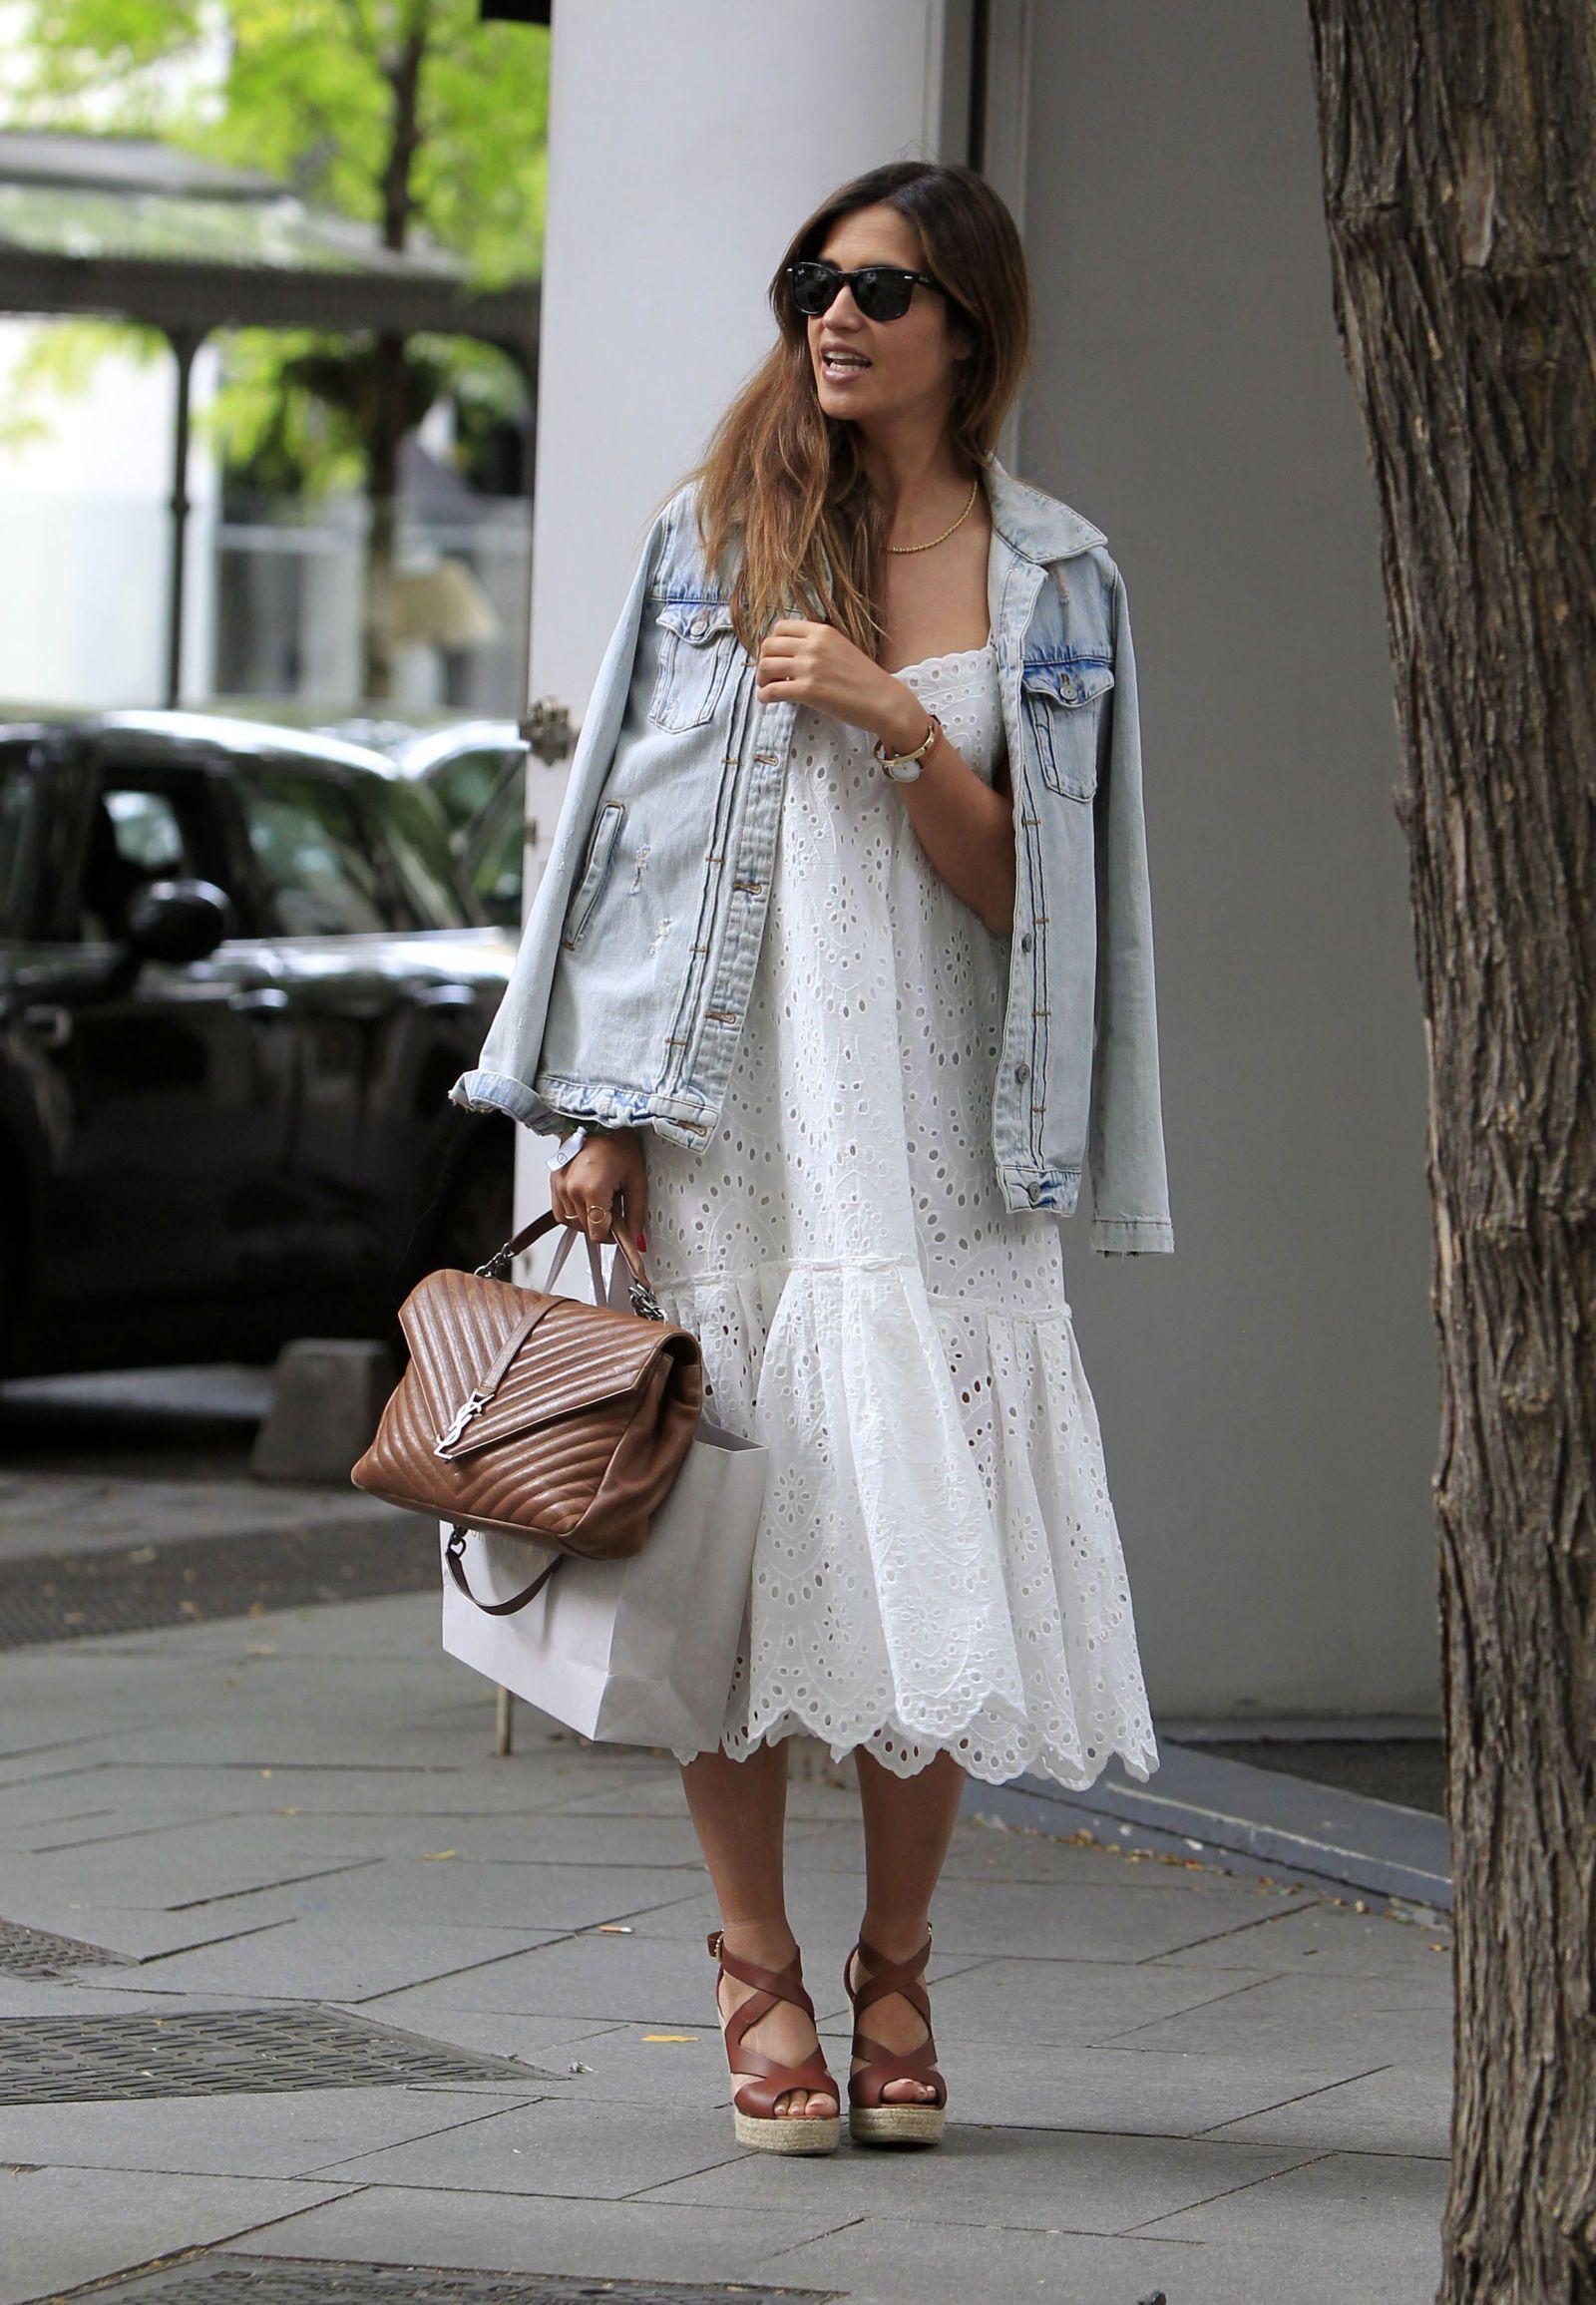 a2c17be2a Sara elige de nuevo Zara   Carbonero S.   Vestidos zara, Vestidos y Zara